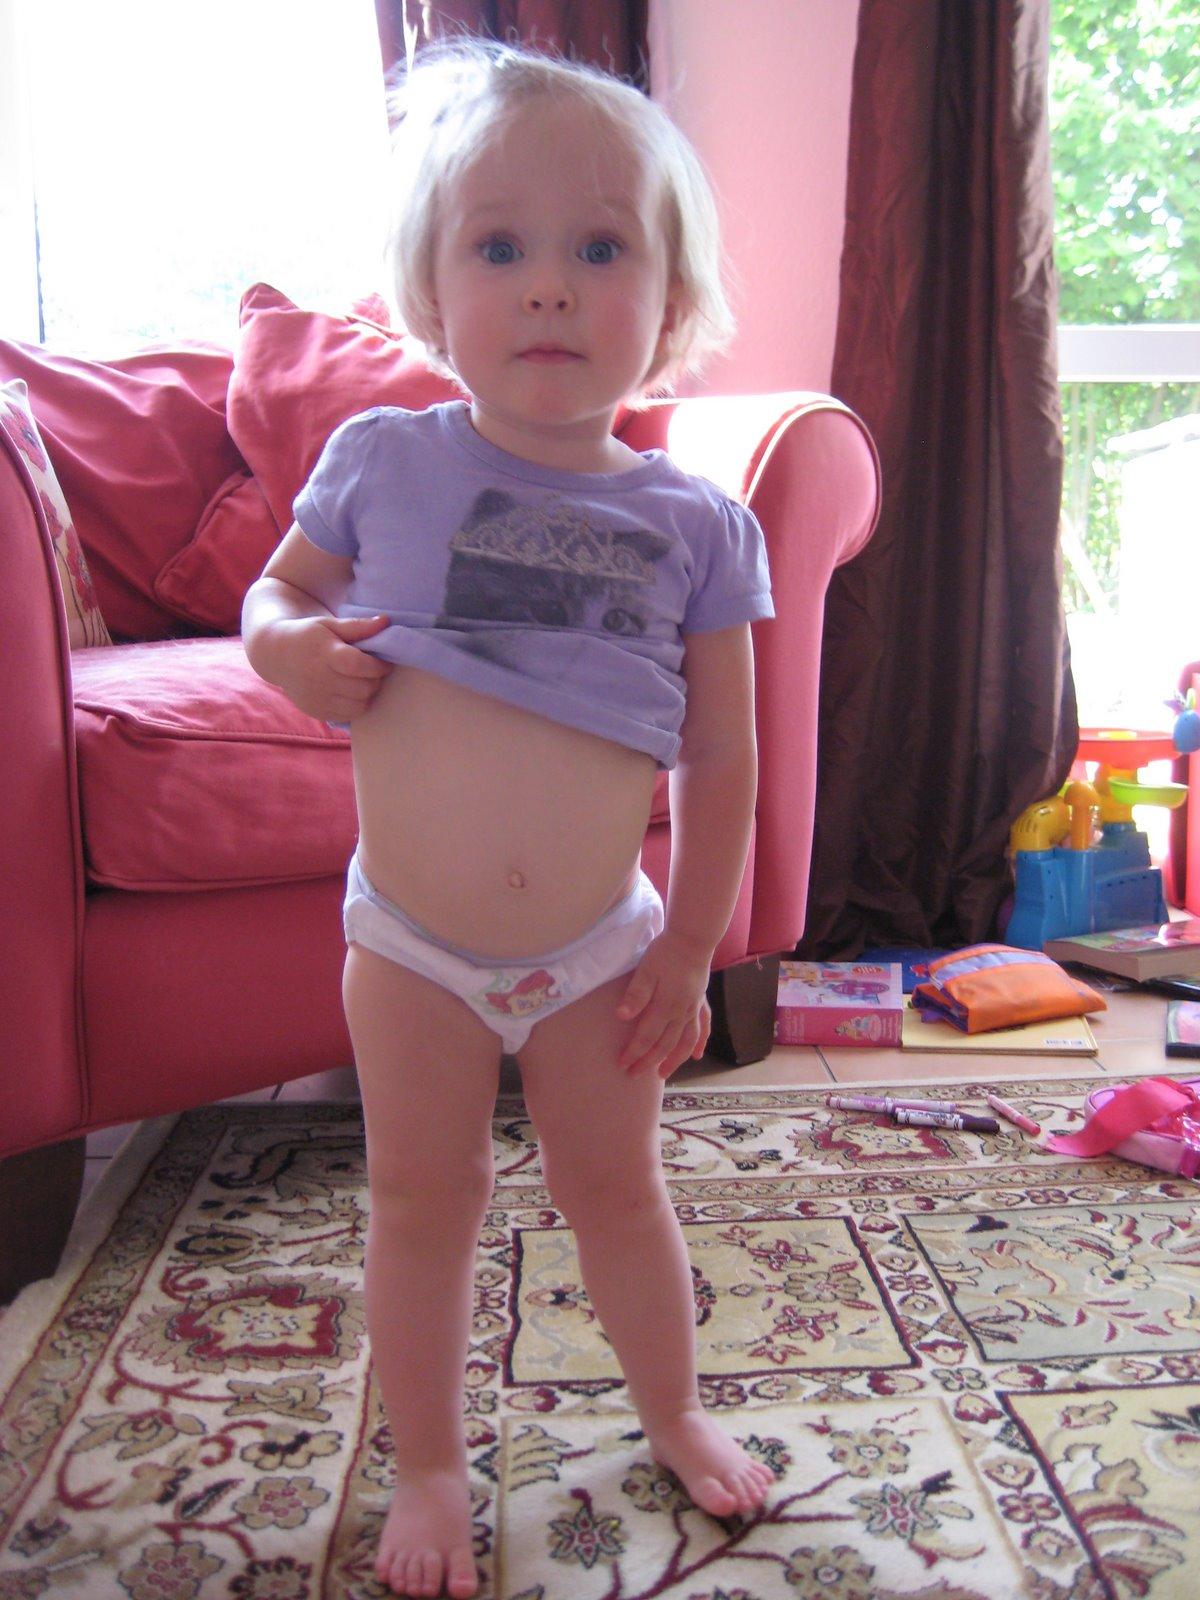 Girl in boy dirty undies, naked girl poop pic